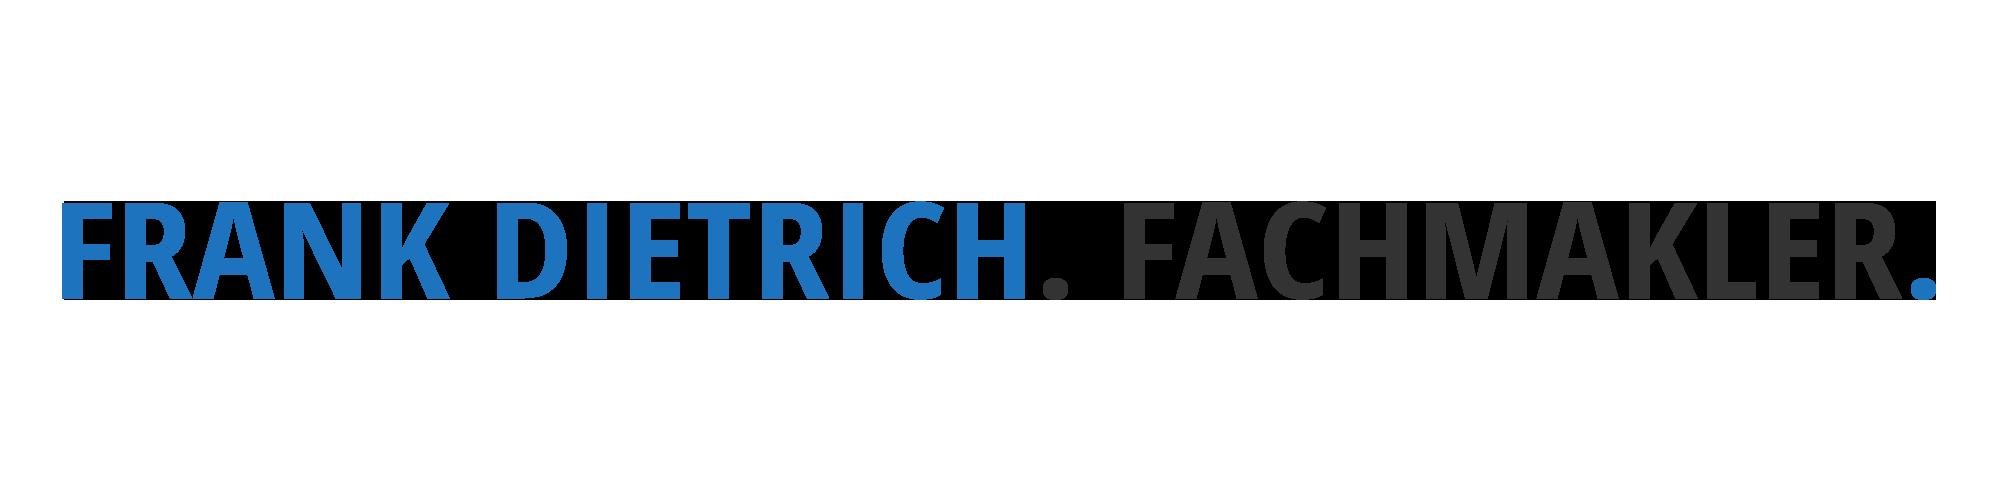 FRANK DIETRICH FACHMAKLER GMBH